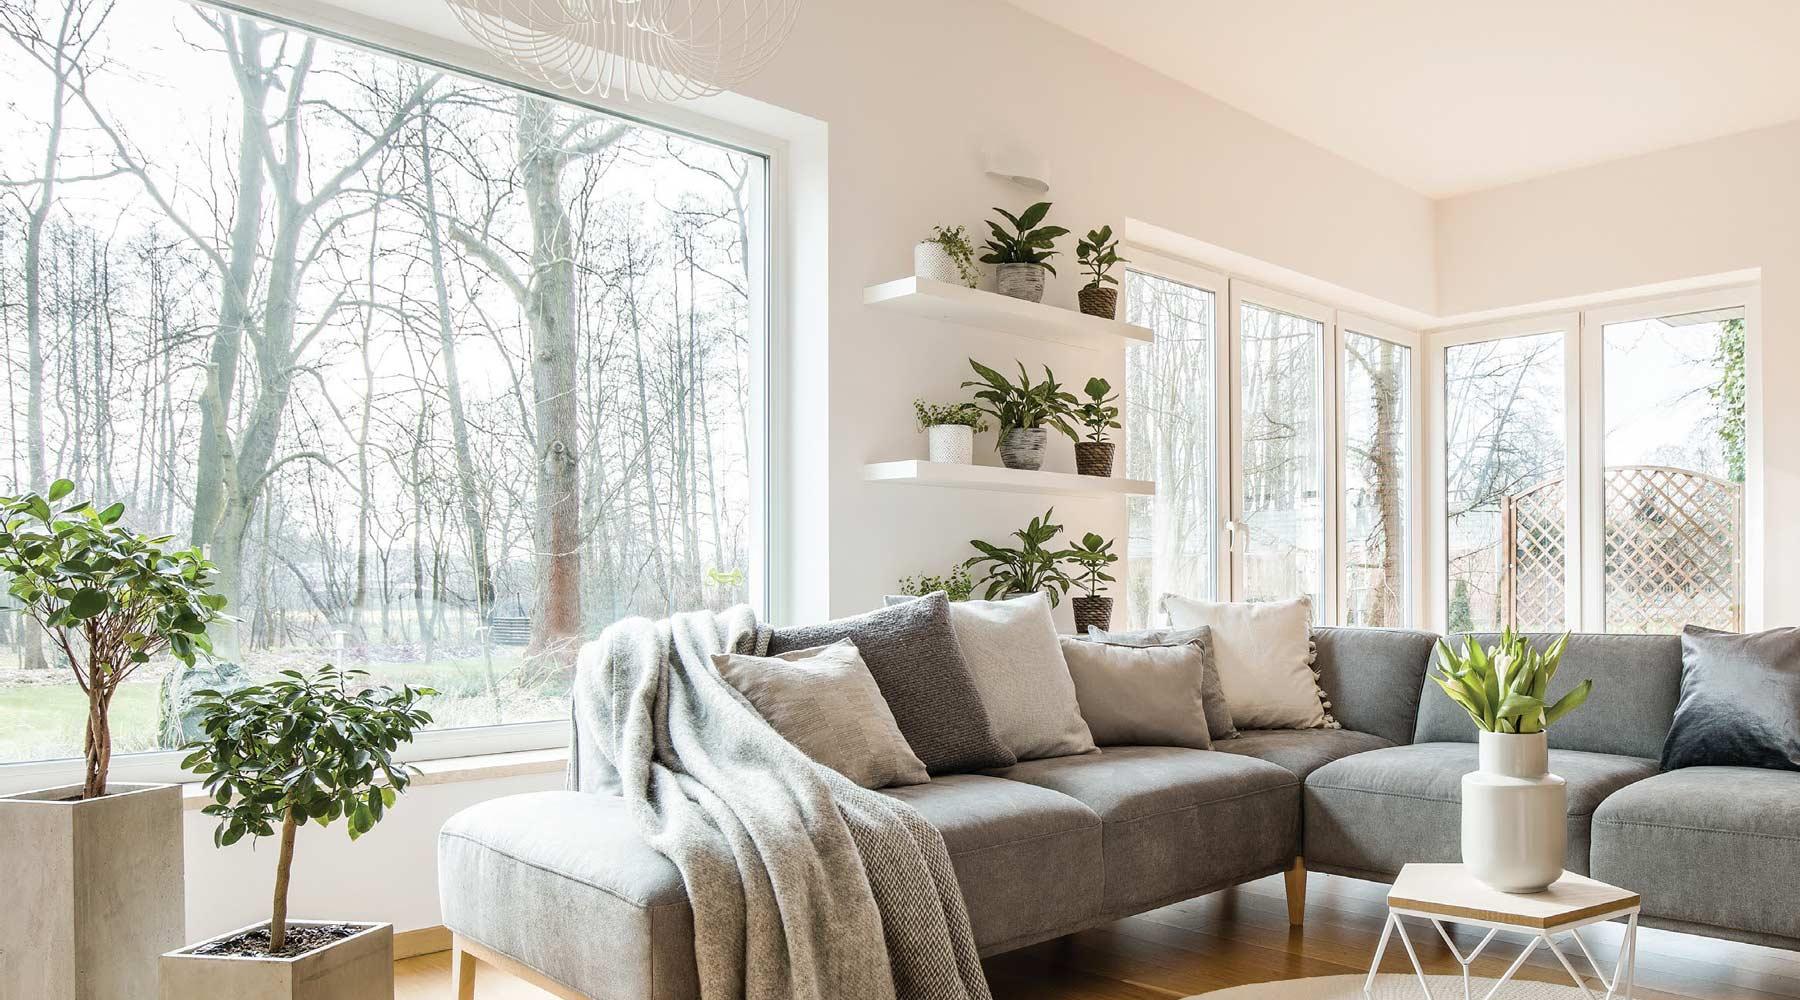 km-plast-rozwiązania-energooszczędne-okna-VEKA-Perfectline-klasyka-wytrzymałość-termoizolacja-najwyższa-jakość